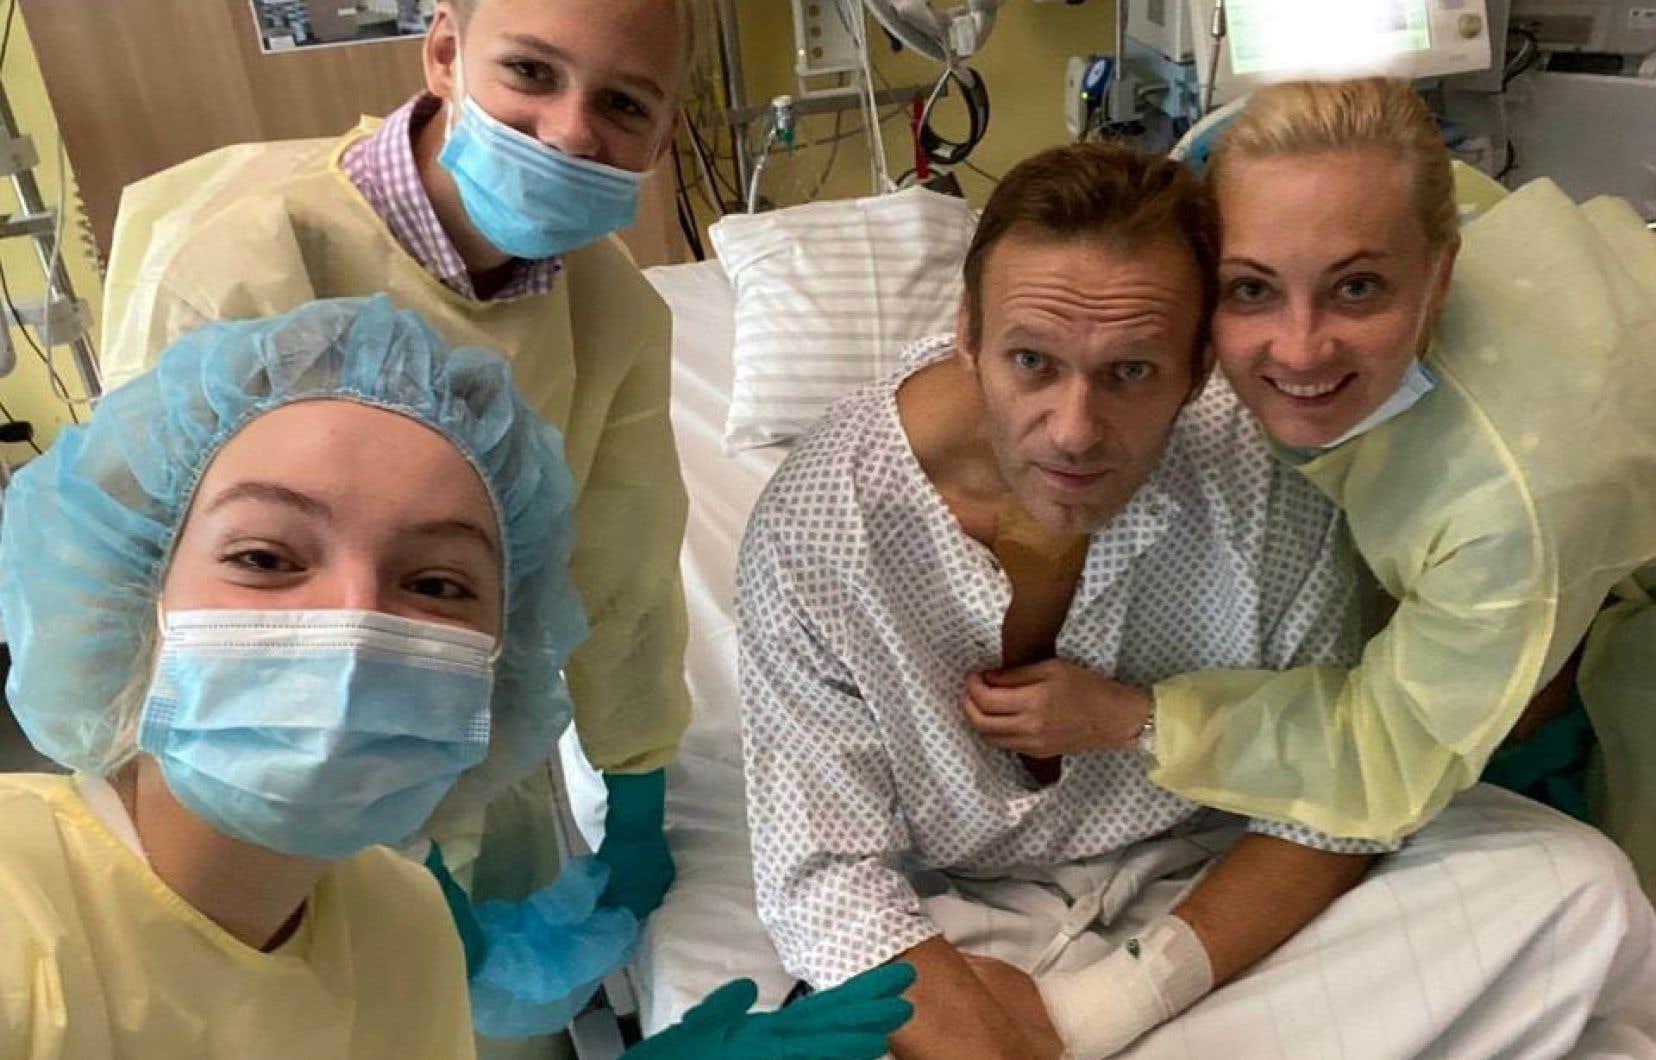 Le compte Instagram d'Alexeï Navalny affichait une photo le montrant les yeux ouverts et les traits tirés, assis sur son lit d'hôpital en compagnie de son épouse, de son fils et de sa fille.